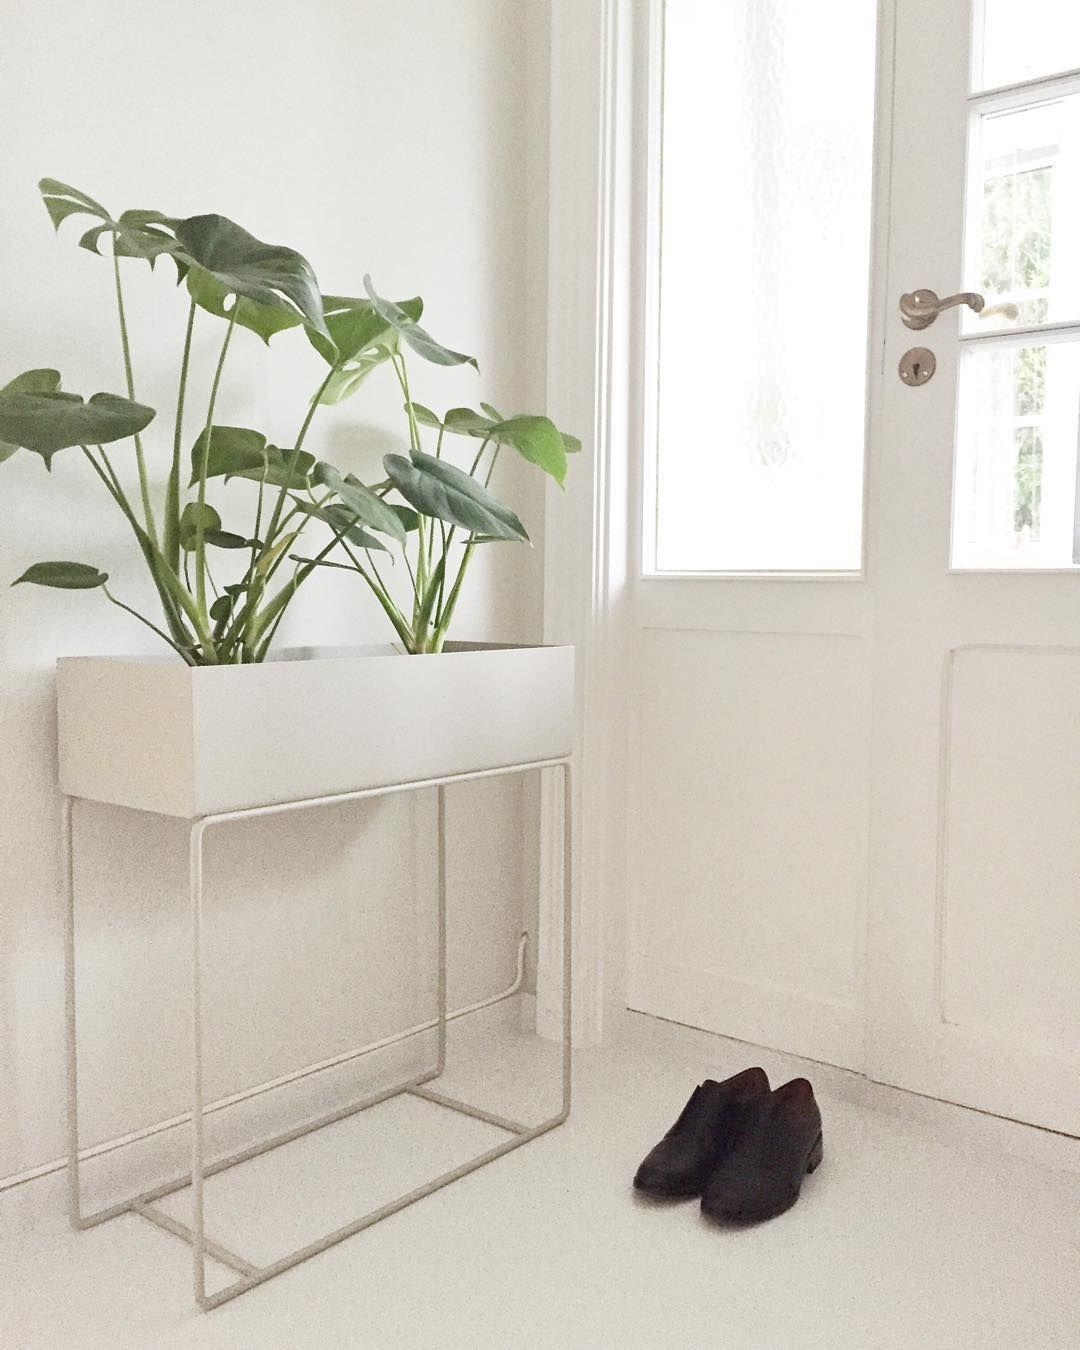 Www Nordiskehjem No On Instagram Endelig Er Var Plantbox I Hus Er Den Ikke Fin Vi Har Bla Svart Terracotta Og I Denne Plant Box Plant Decor House Styles